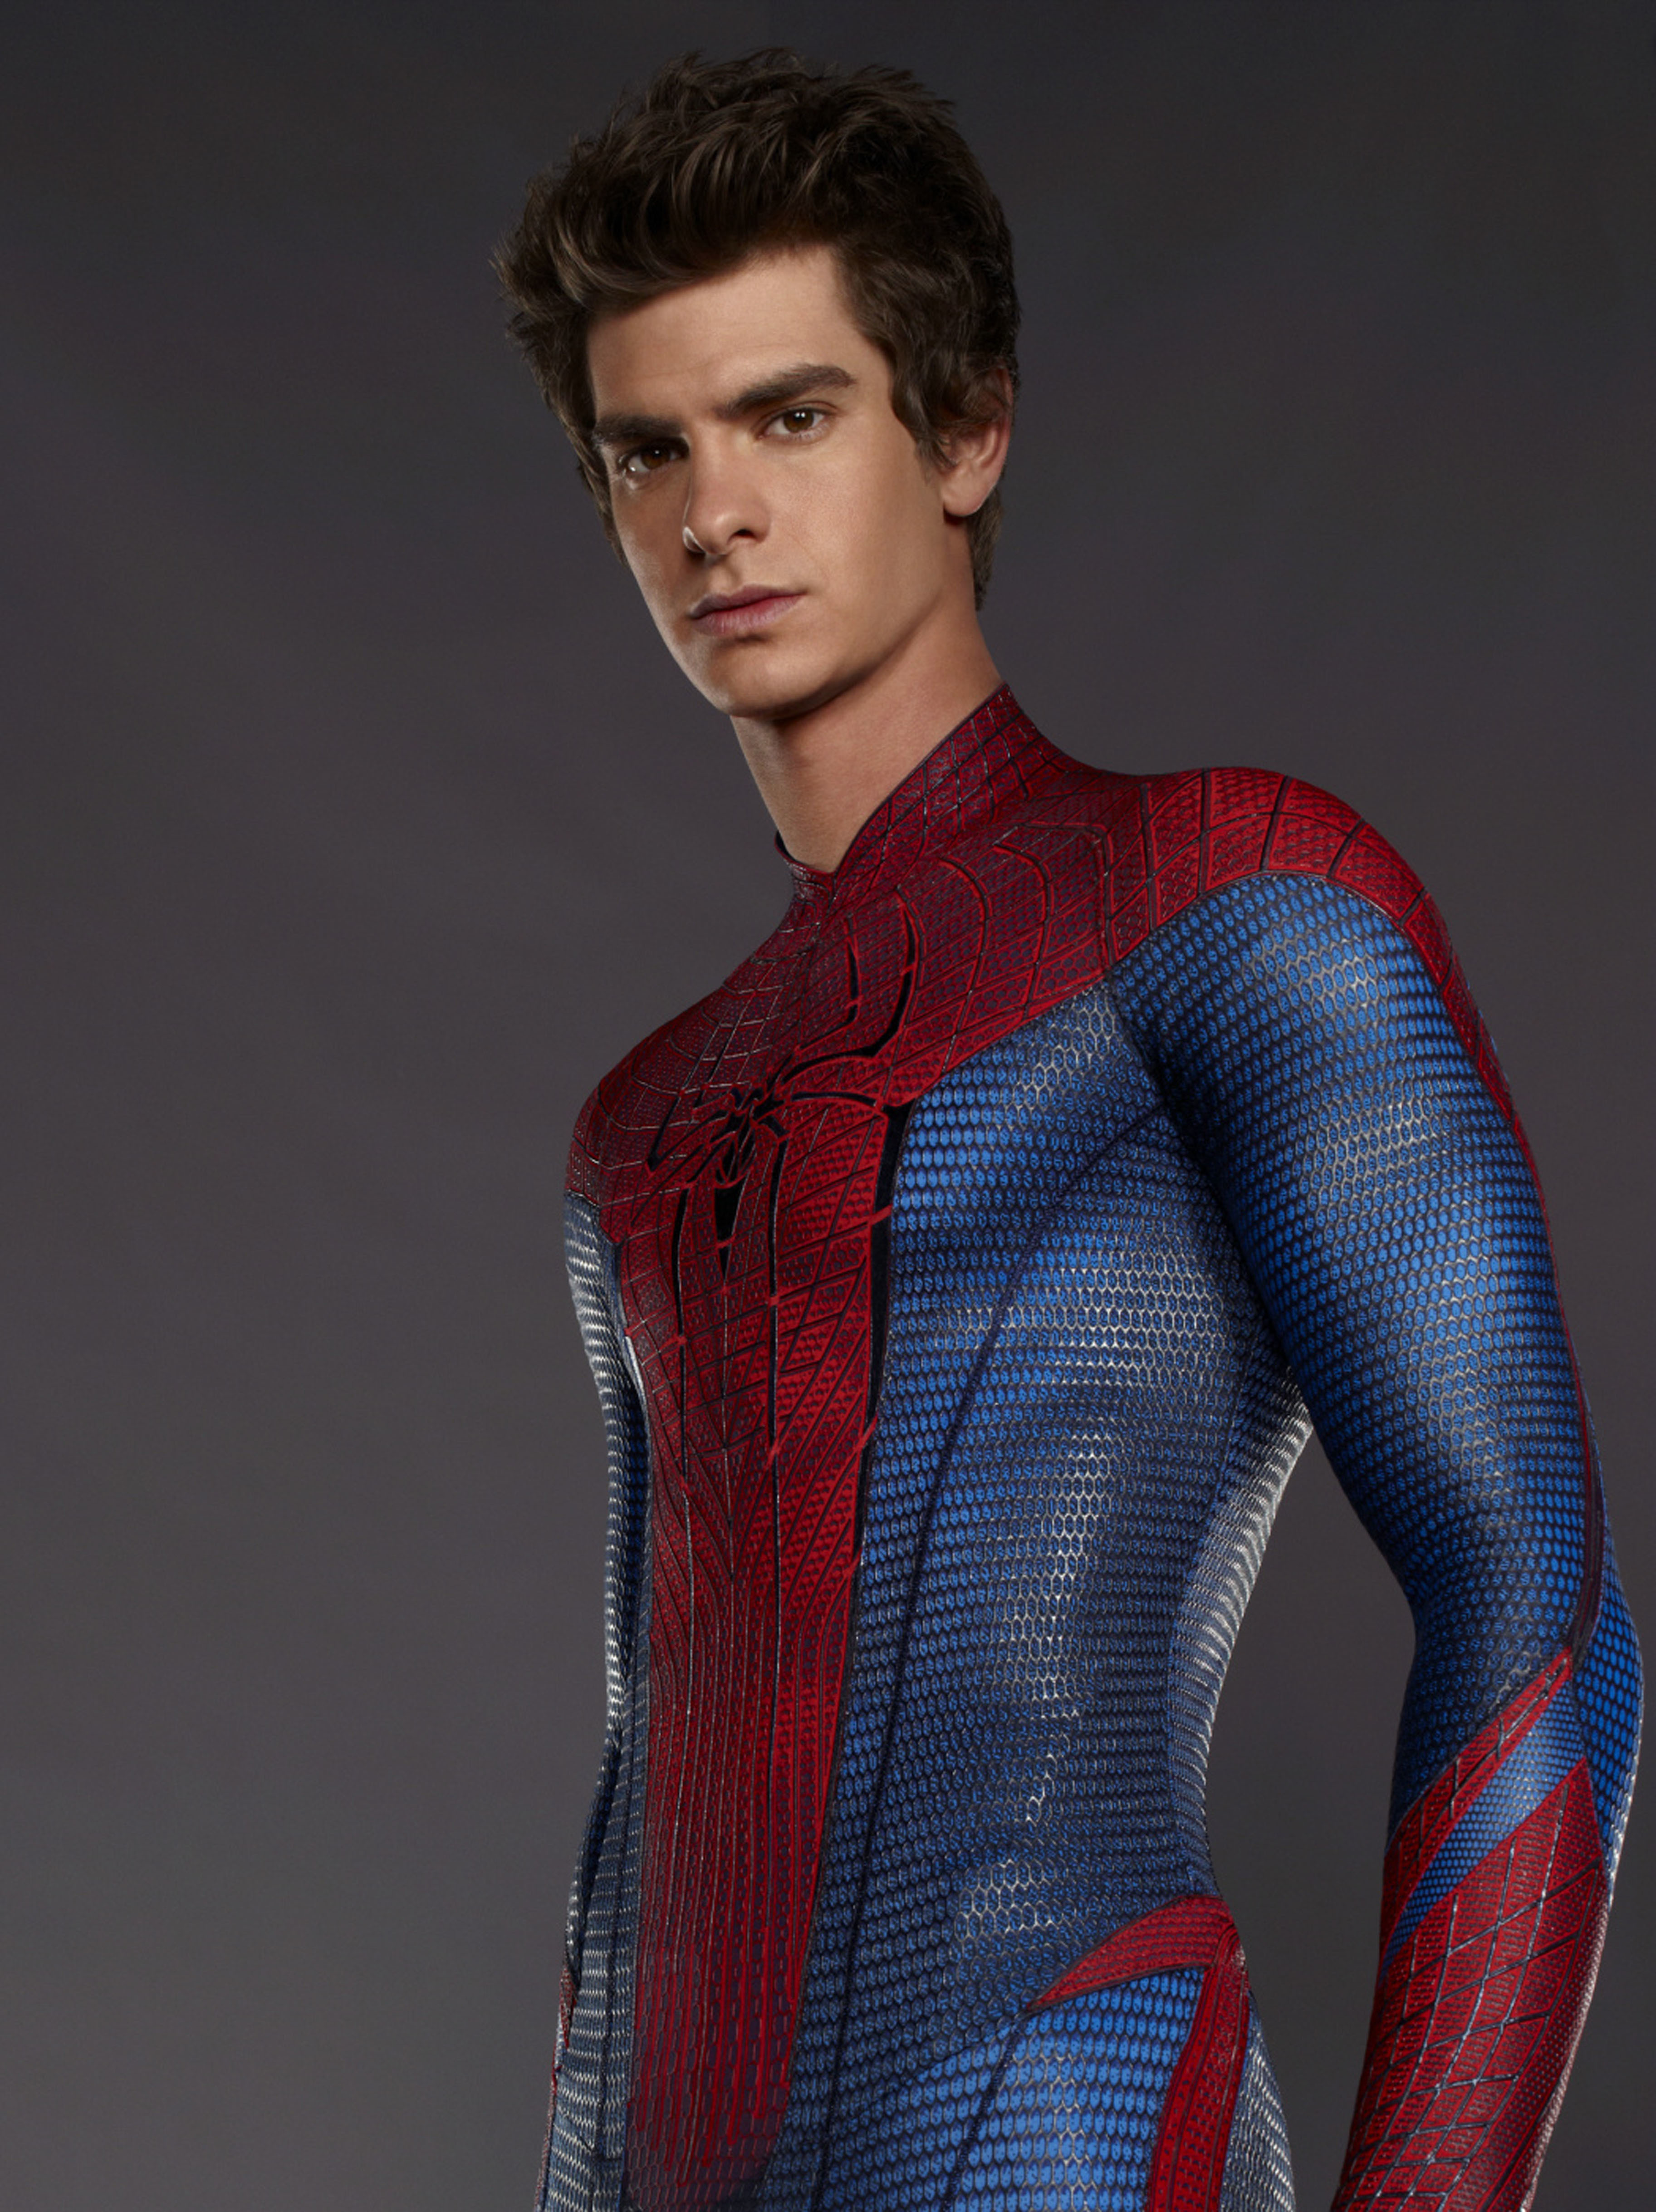 17. Spider Man